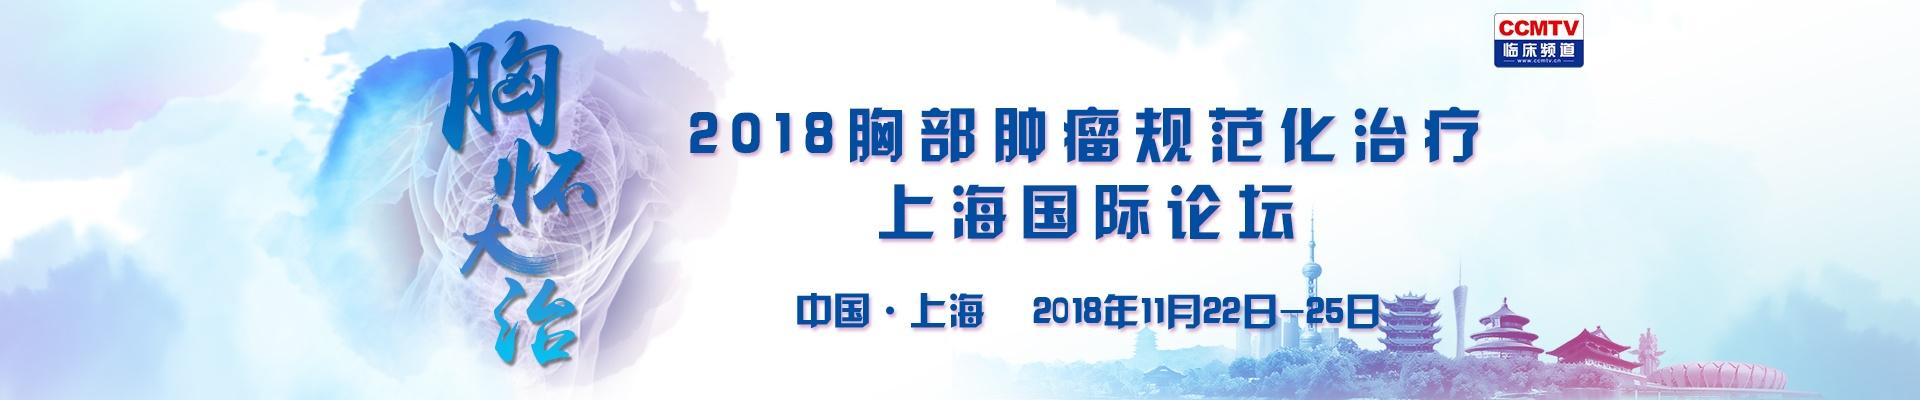 2018胸部肿瘤规范化治疗上海国际论坛